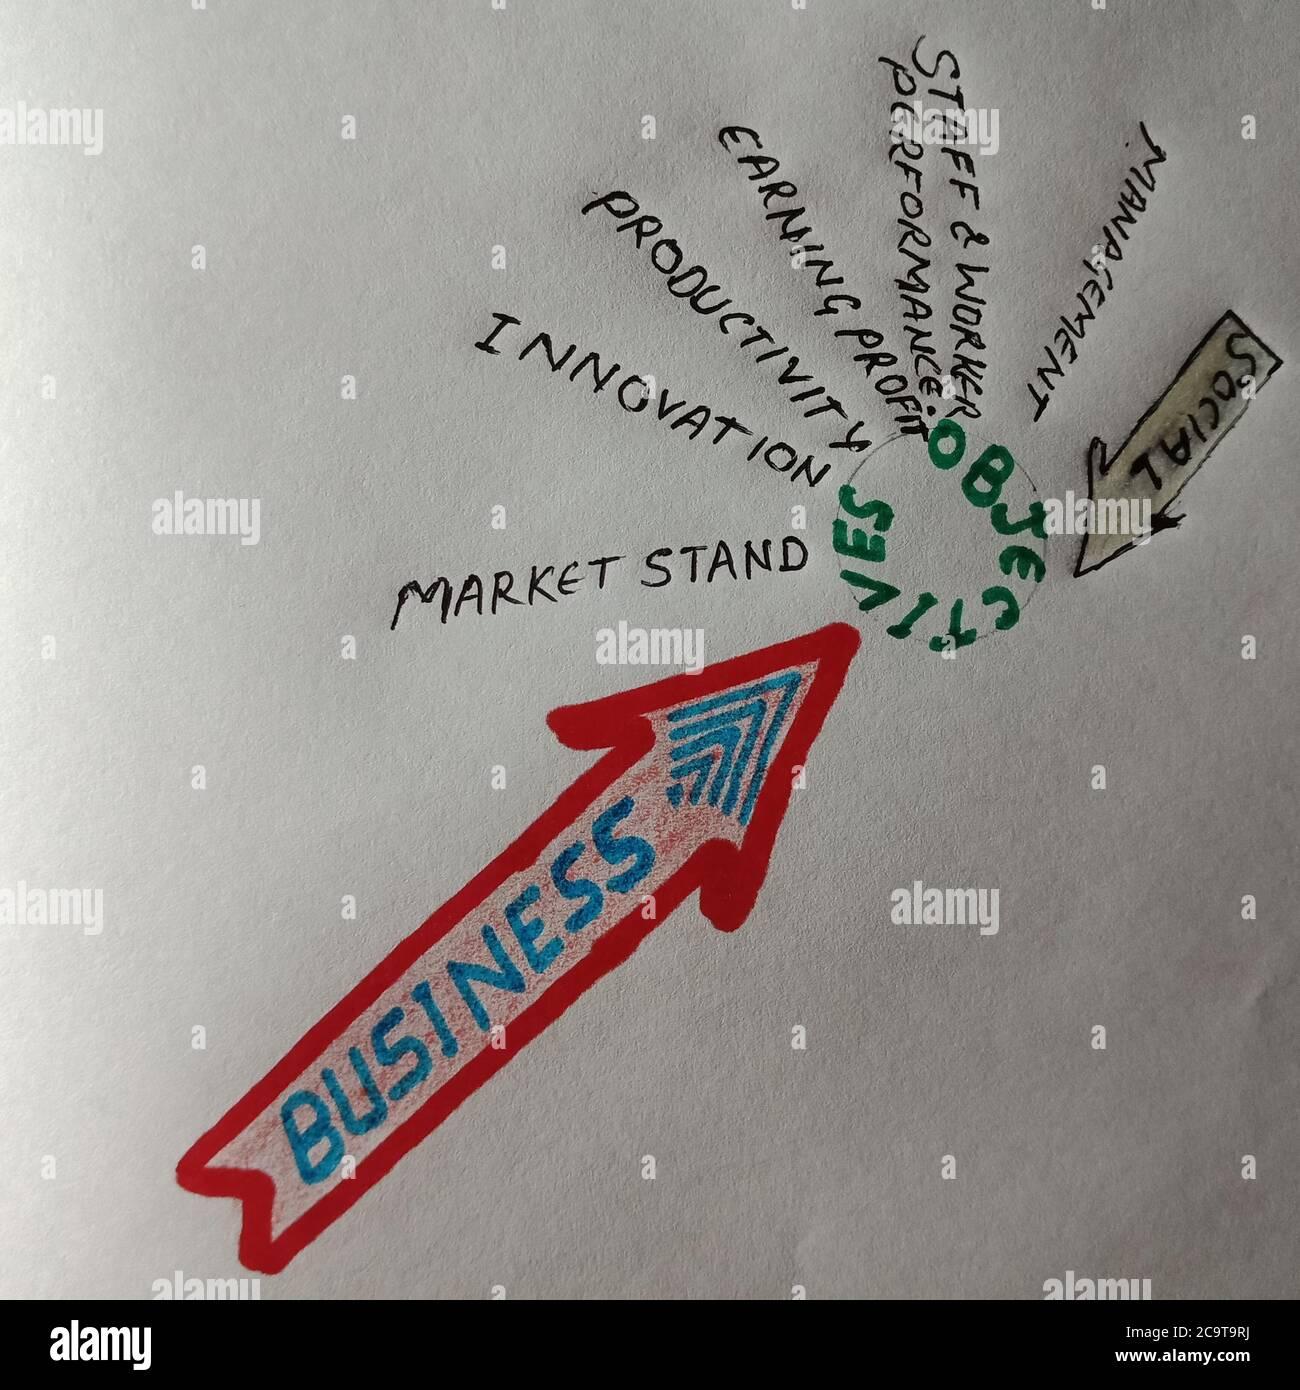 objetivos de negocio palabra aprendizaje modelo de comercio visible en papel blanco con fondo colorido. Foto de stock